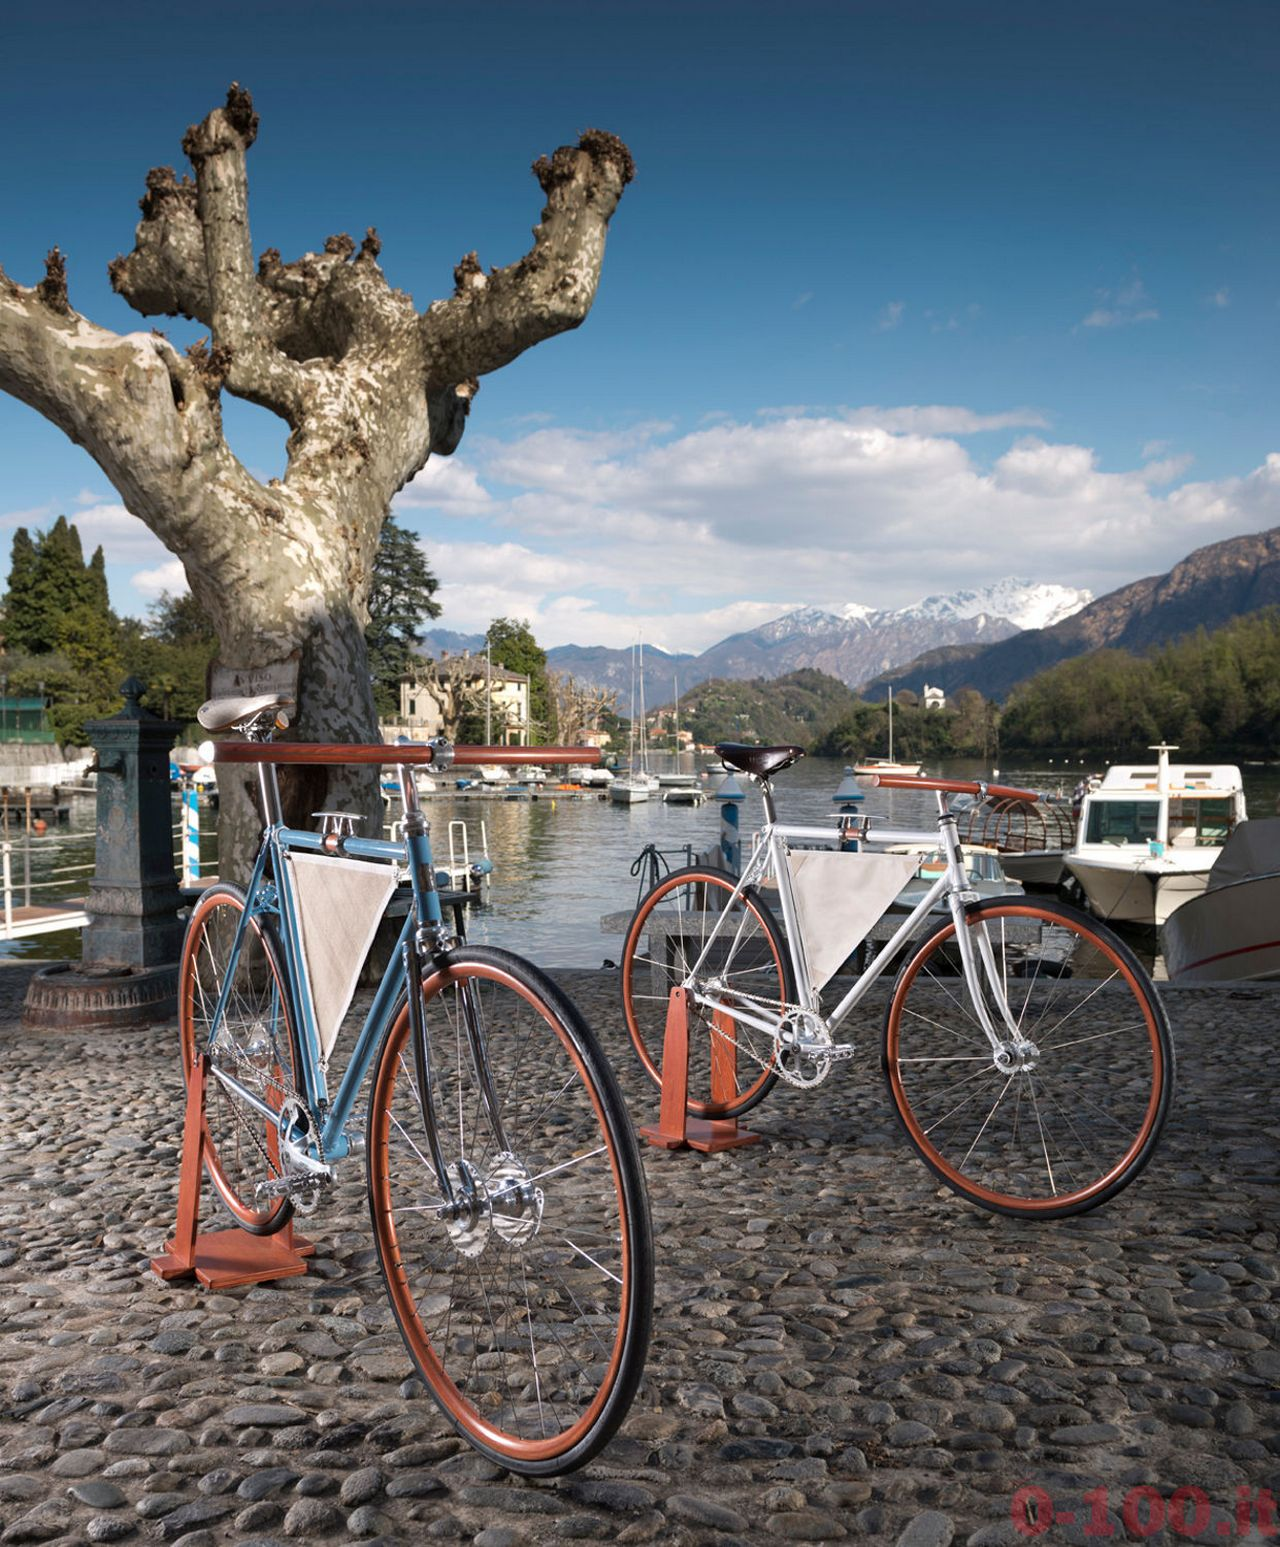 biciclette-revolton-made-como_0-1005